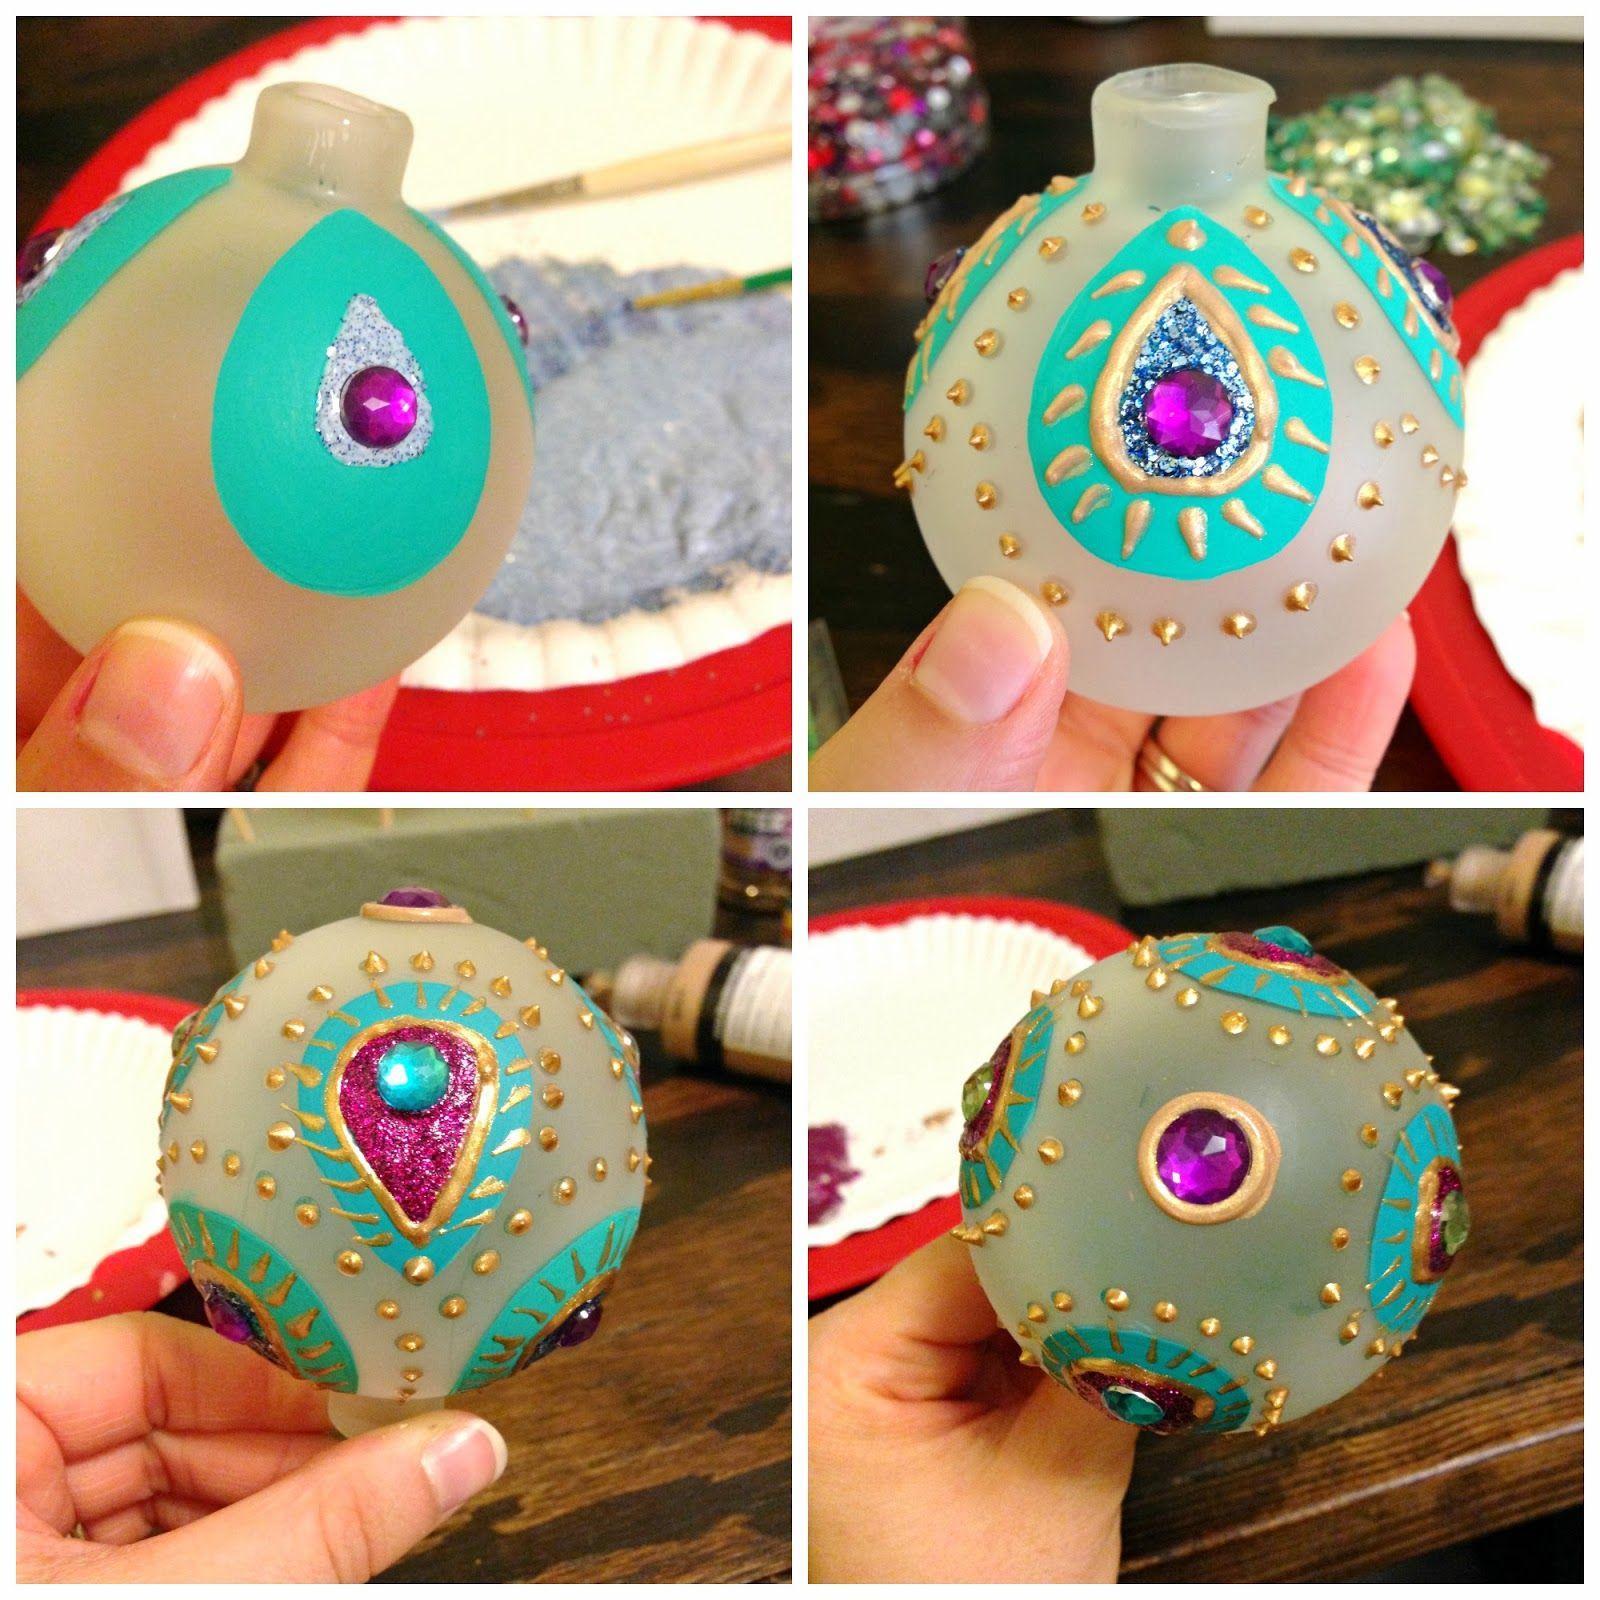 Diy Peacock Ornaments Peacock Ornaments Peacock Christmas